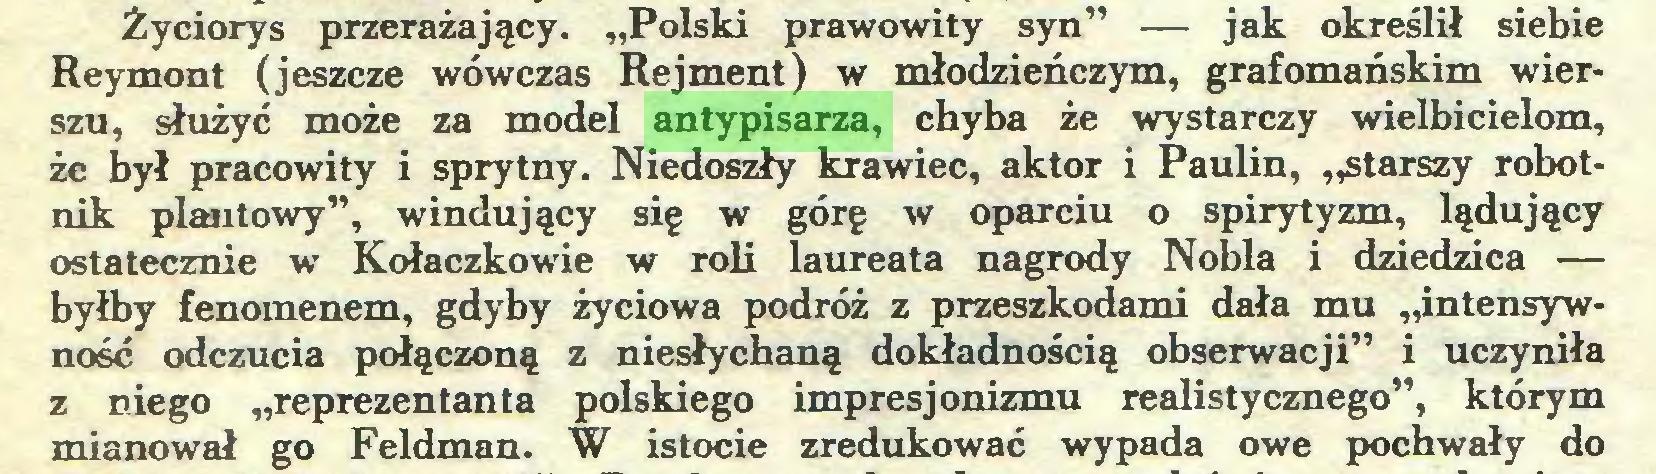 """(...) Życiorys przerażający. """"Polski prawowity syn"""" — jak określił siebie Reymont (jeszcze wówczas Rejment) w młodzieńczym, grafomańskim wierszu, służyć może za model antypisarza, chyba że wystarczy wielbicielom, że był pracowity i sprytny. Niedoszły krawiec, aktor i Paulin, """"starszy robotnik plantowy"""", windujący się w górę w oparciu o spirytyzm, lądujący ostatecznie w Kołaczkowie w roli laureata nagrody Nobla i dziedzica — byłby fenomenem, gdyby życiowa podróż z przeszkodami dała mu ,intensywność odczucia połączoną z niesłychaną dokładnością obserwacji"""" i uczyniła z niego """"reprezentanta polskiego impresjonizmu realistycznego"""", którym mianował go Feldman. W istocie zredukować wypada owe pochwały do..."""